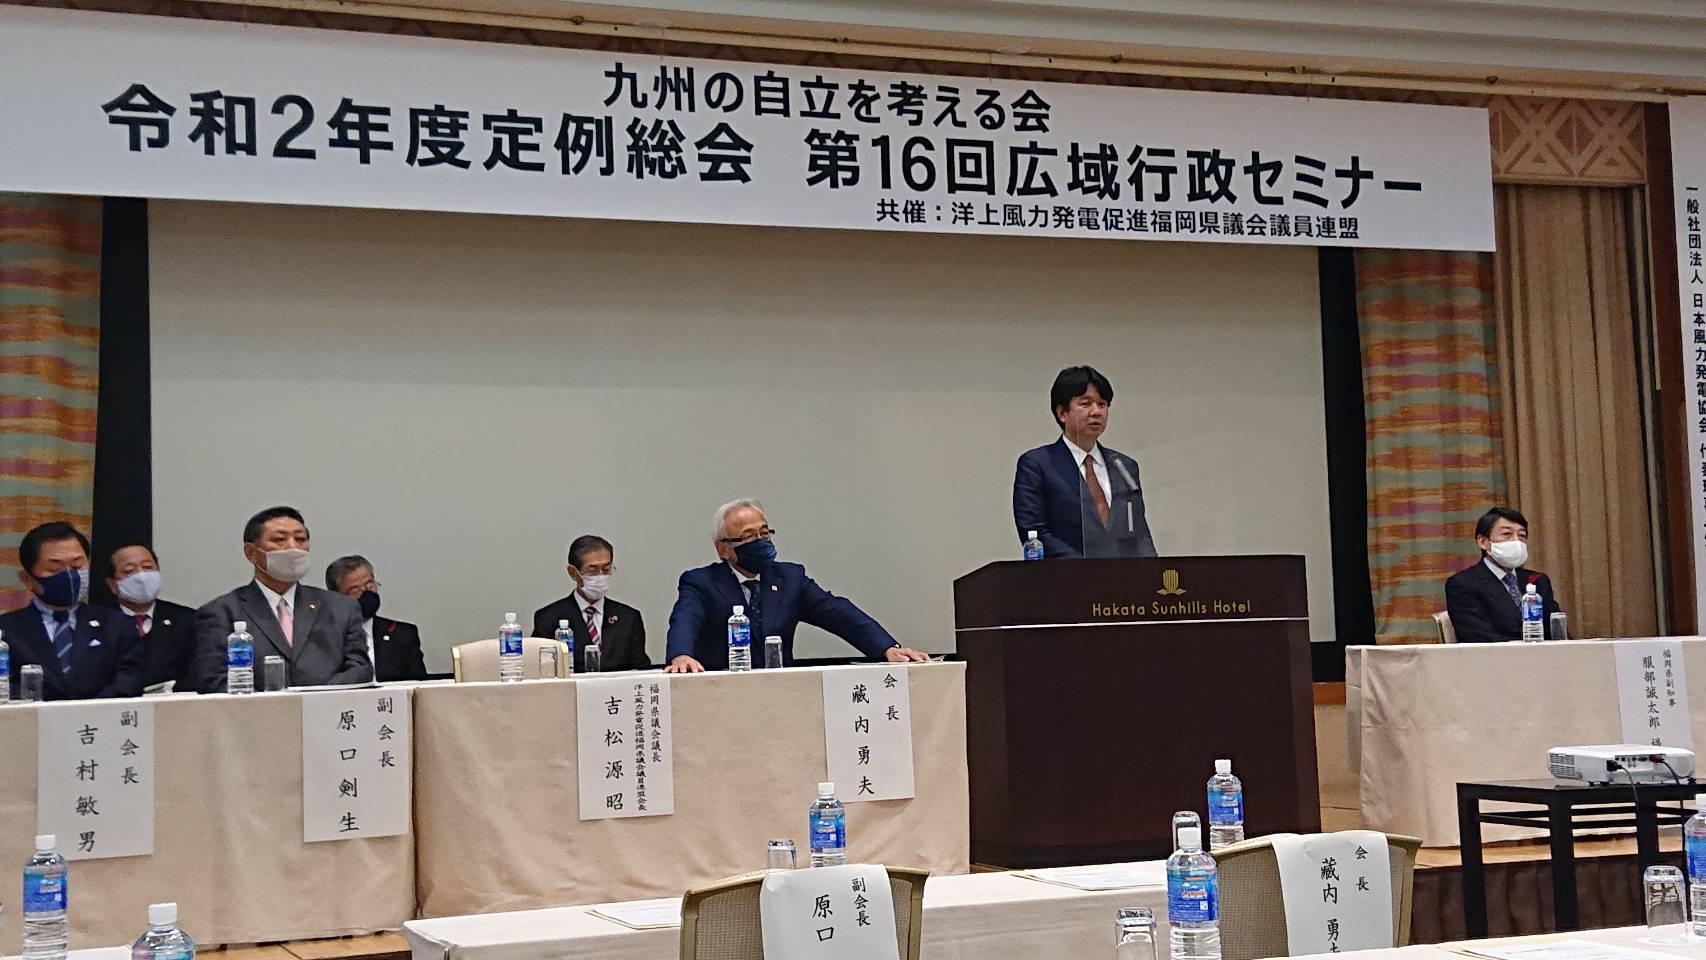 九州の自立を考える会